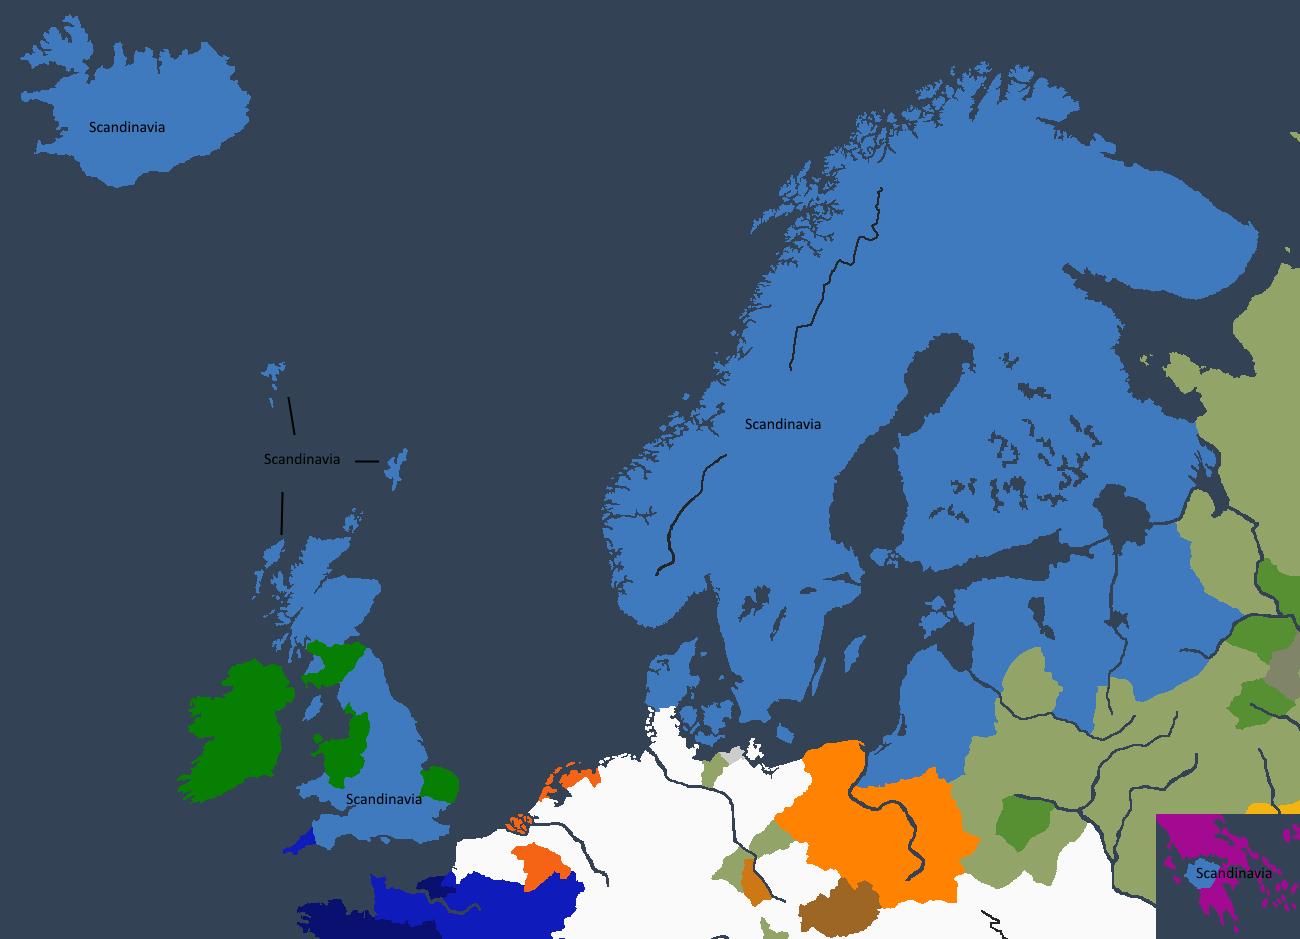 Det skandinskaviske imperiet ved Sigurdrr I «den Dristiges» død.